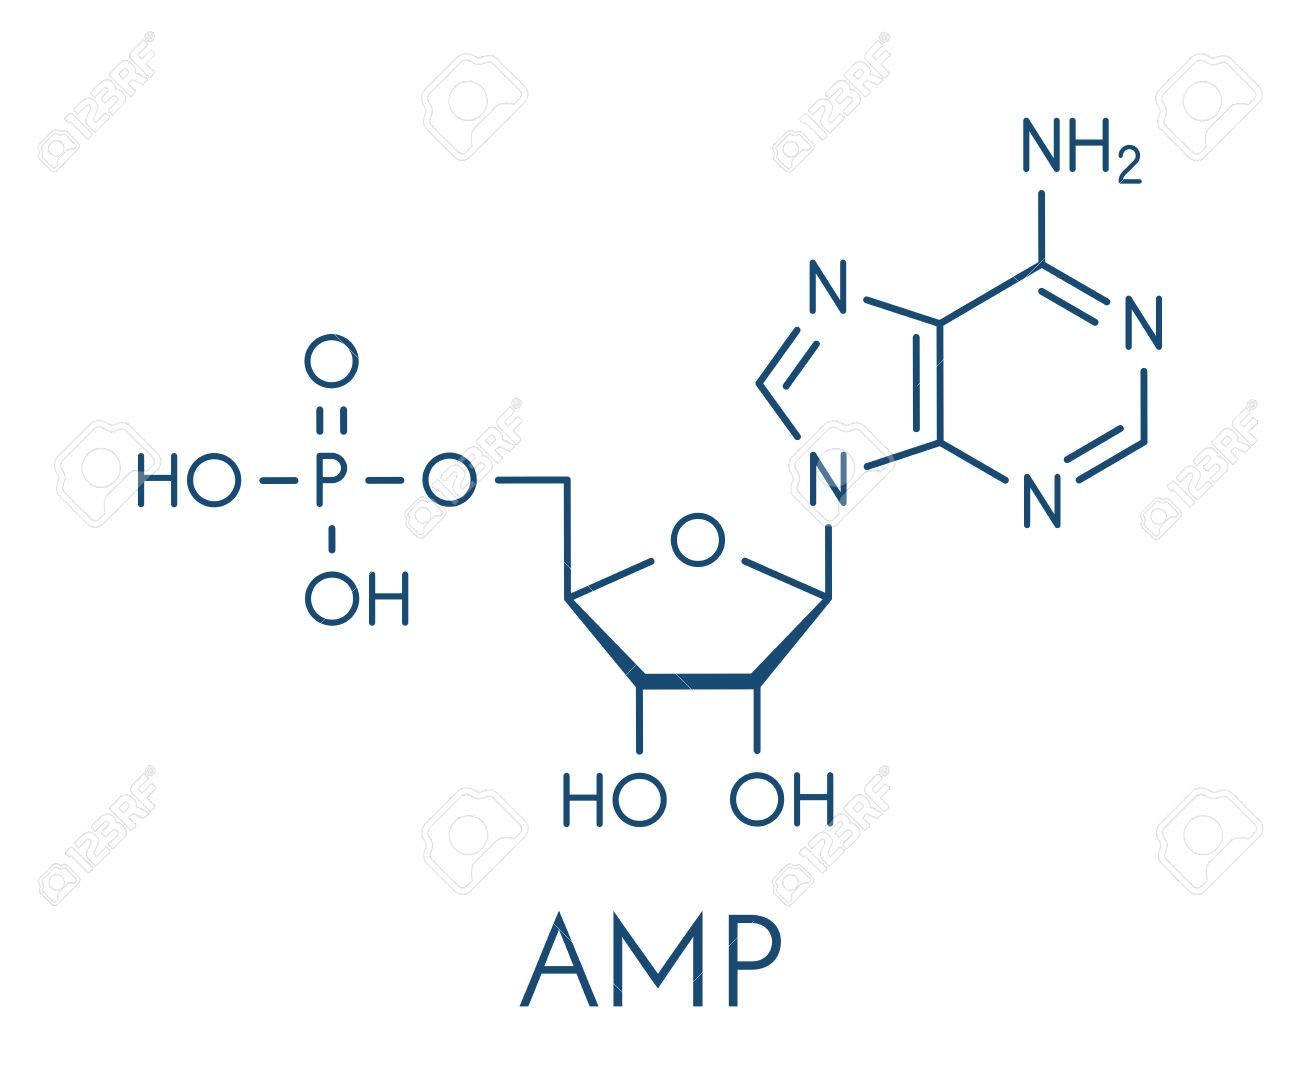 アデノシン一リン酸 (AMP、アデニル酸) 分子。RNA のヌクレオチドの単 ...